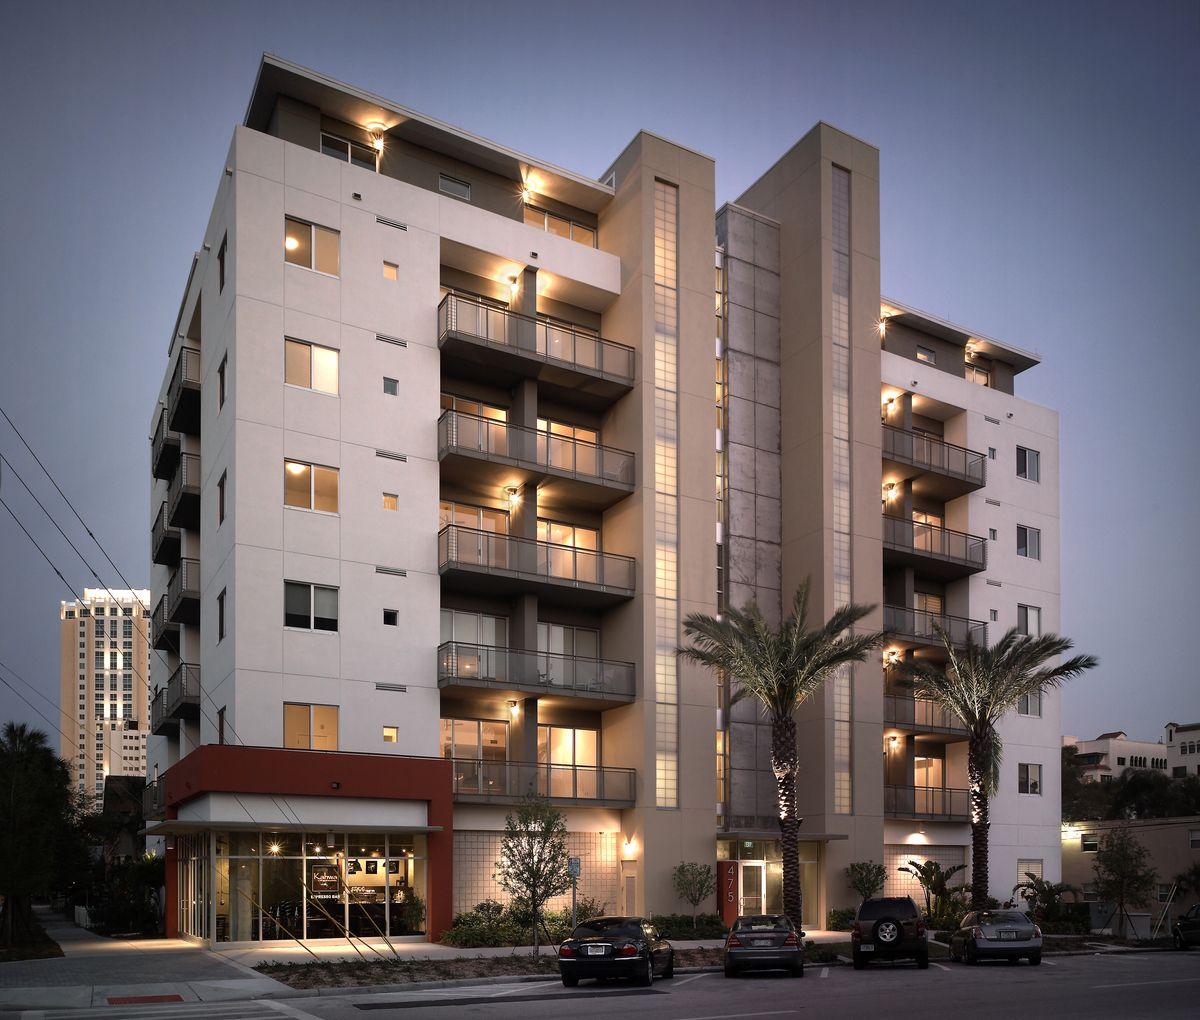 Condominium Apartment: Facade Architecture, Condominium